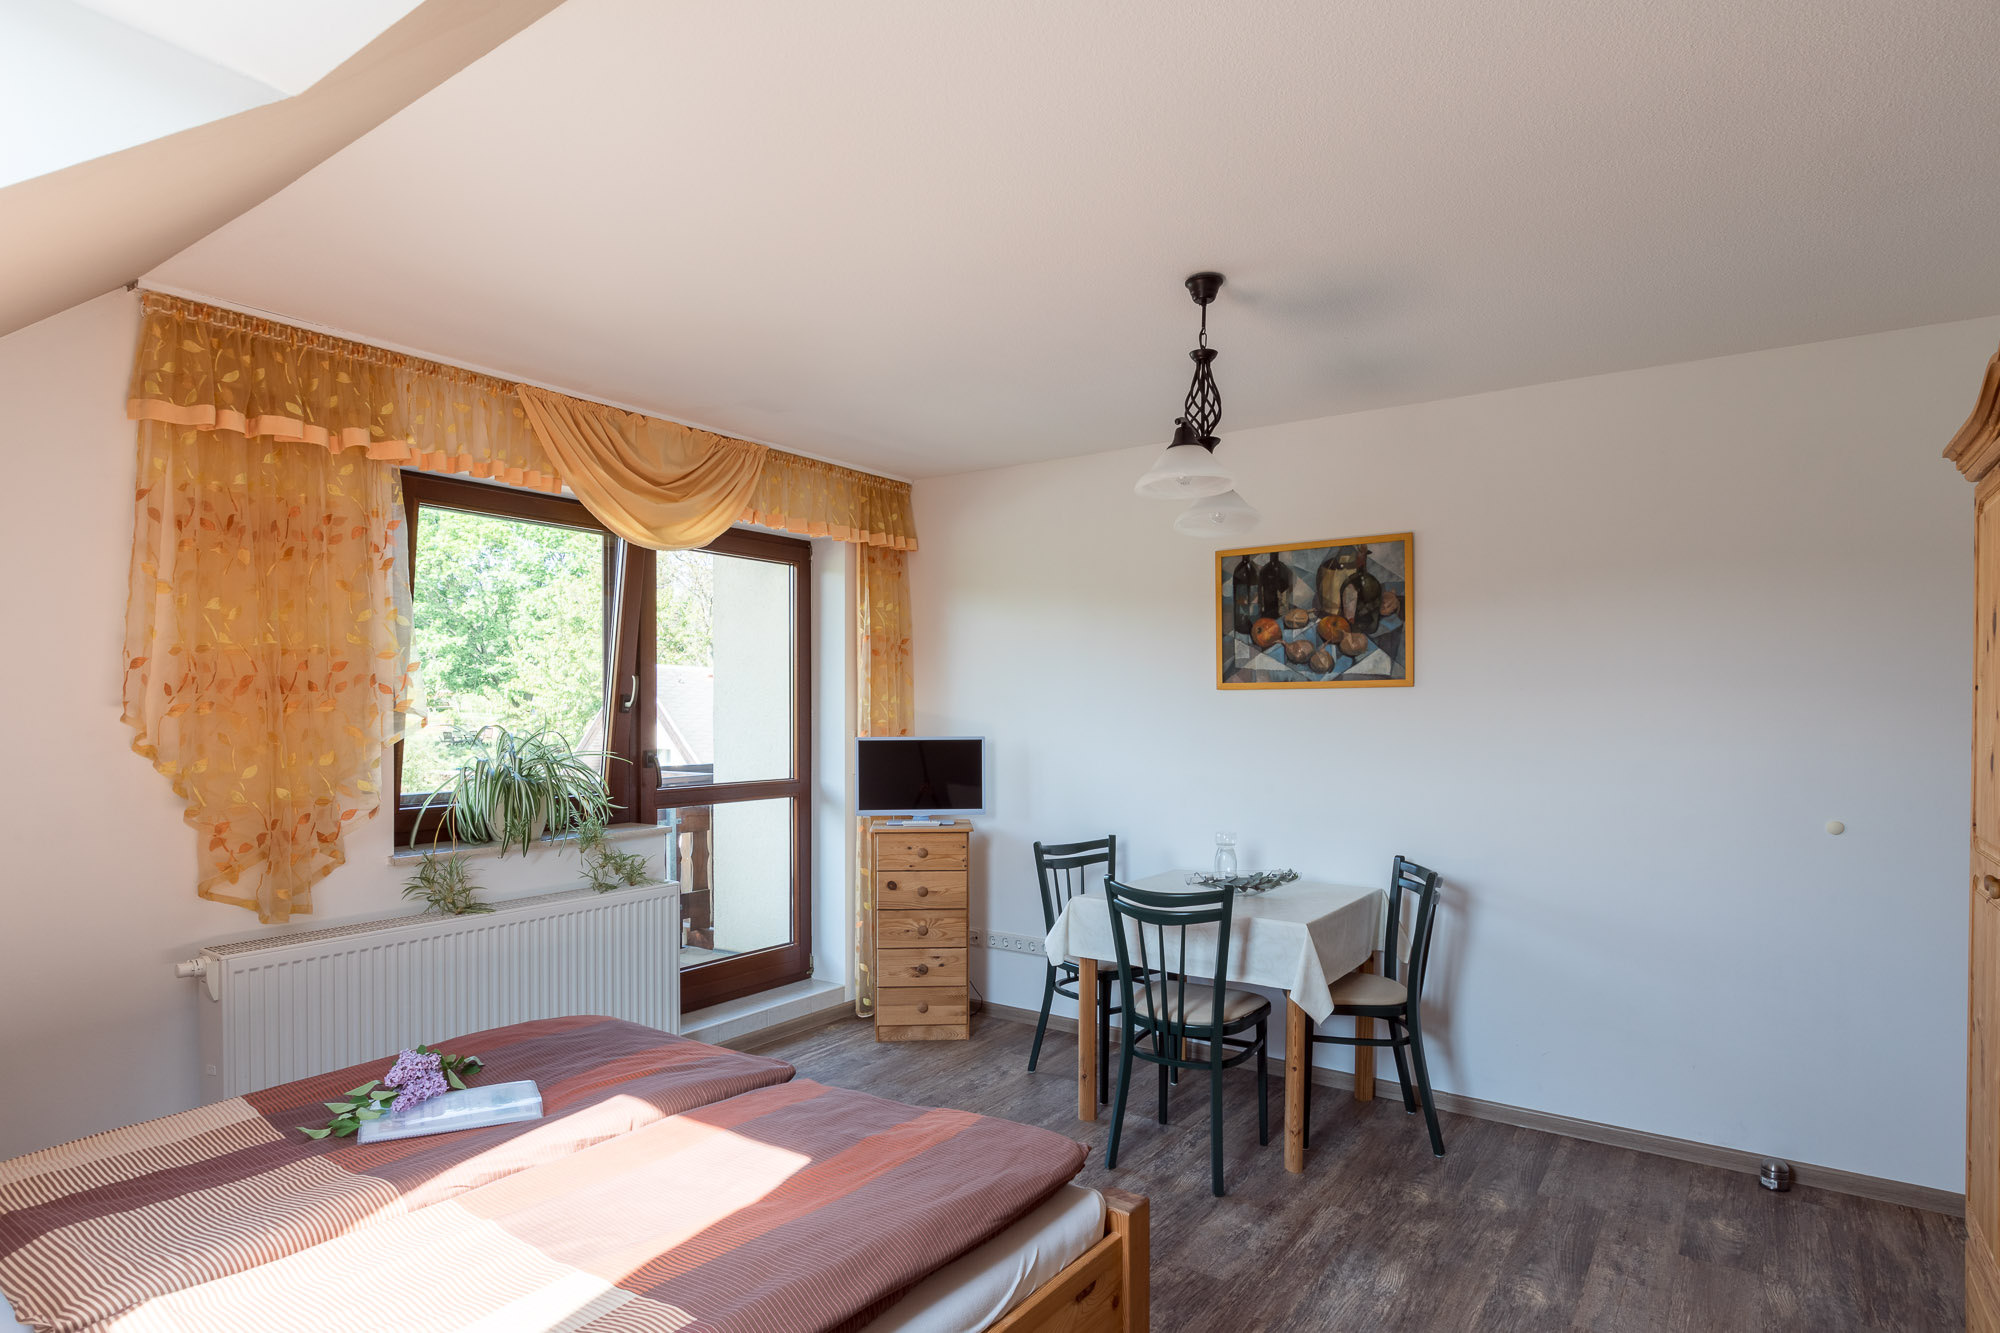 Ferienwohnung Hetzdorf Wohn und Schlafzimmer